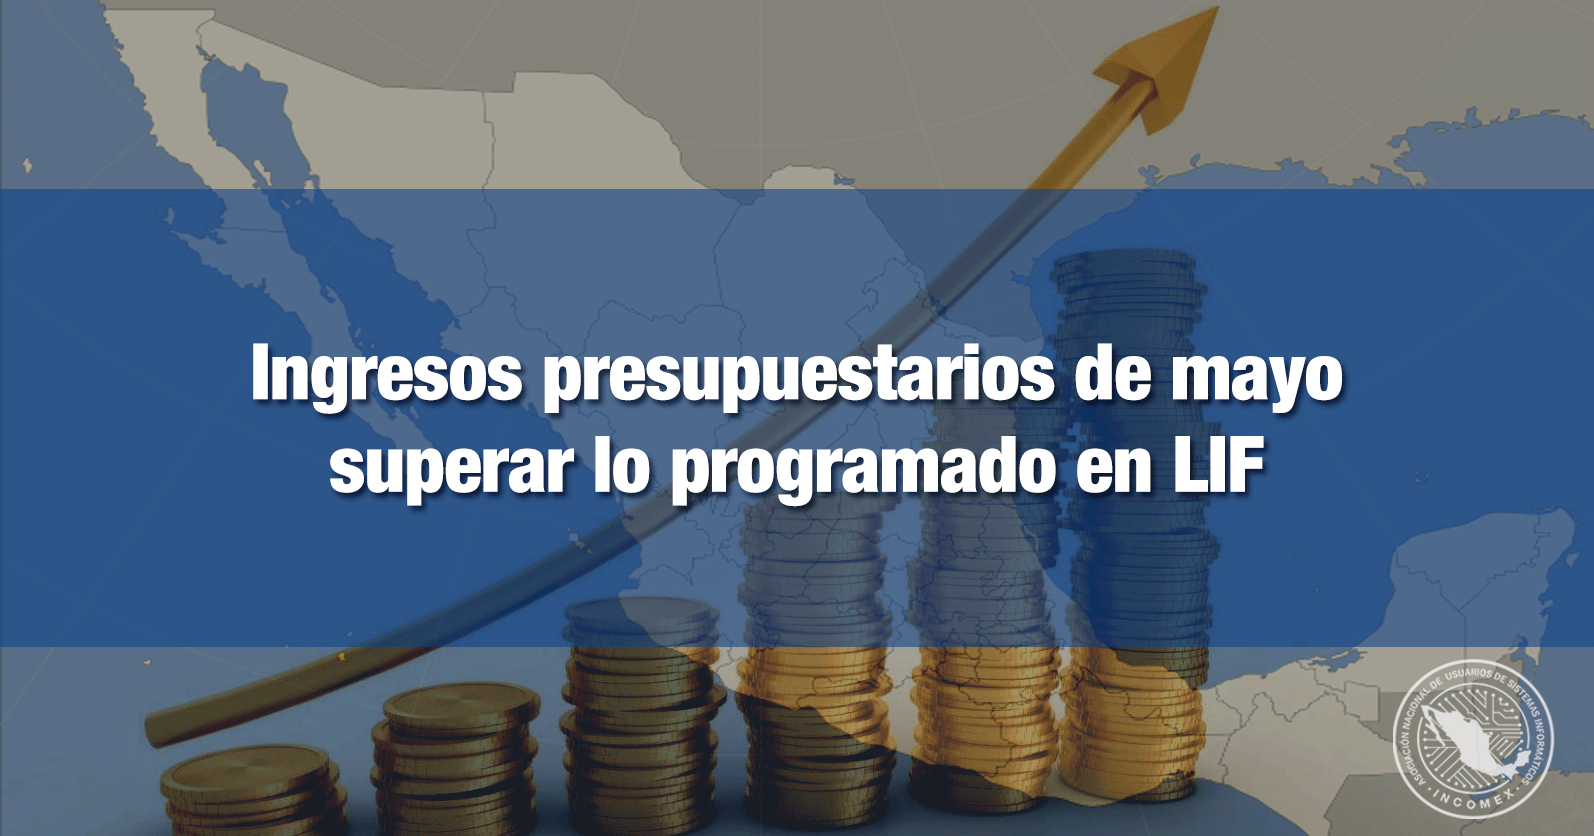 Ingresos presupuestarios de mayo superar lo programado en LIF